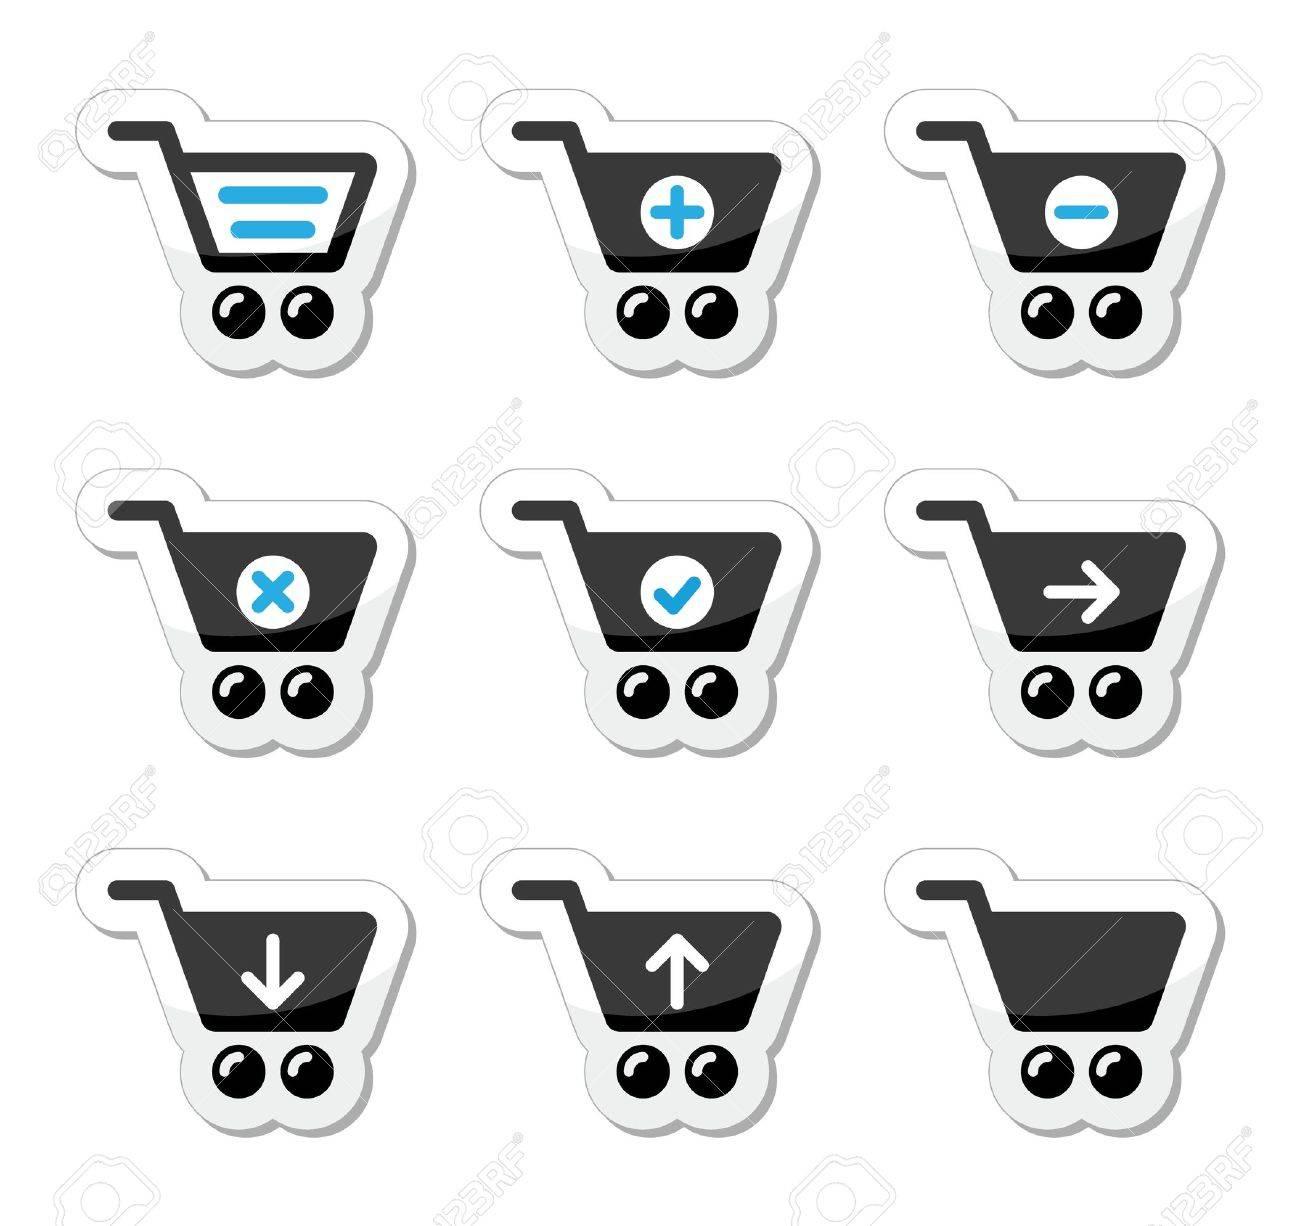 Shopping cart vector icons set Stock Vector - 17772379